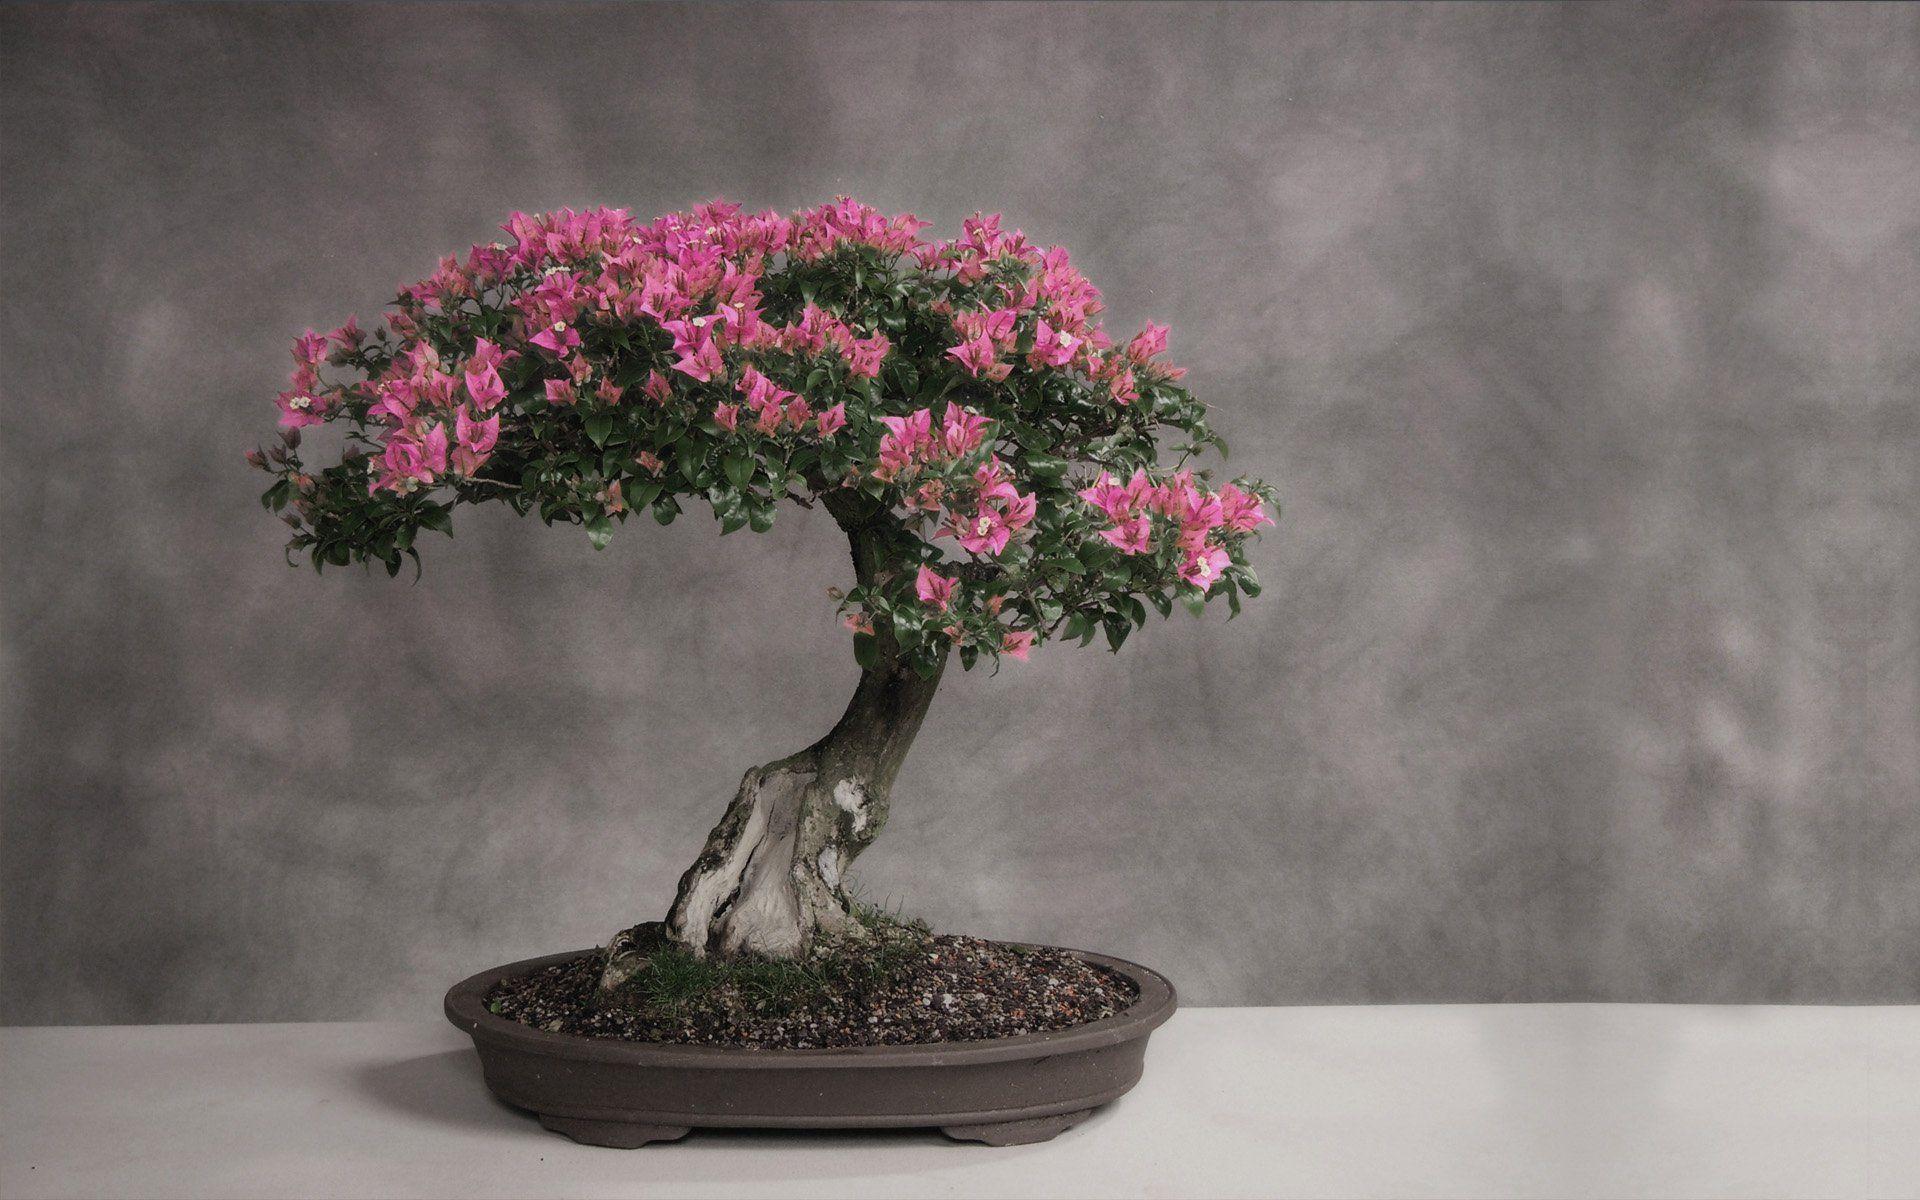 Cherry Blossom Bonsai Trees Cherry Blossom Bonsai Tree Flowering Bonsai Tree Bonsai Tree Tattoos